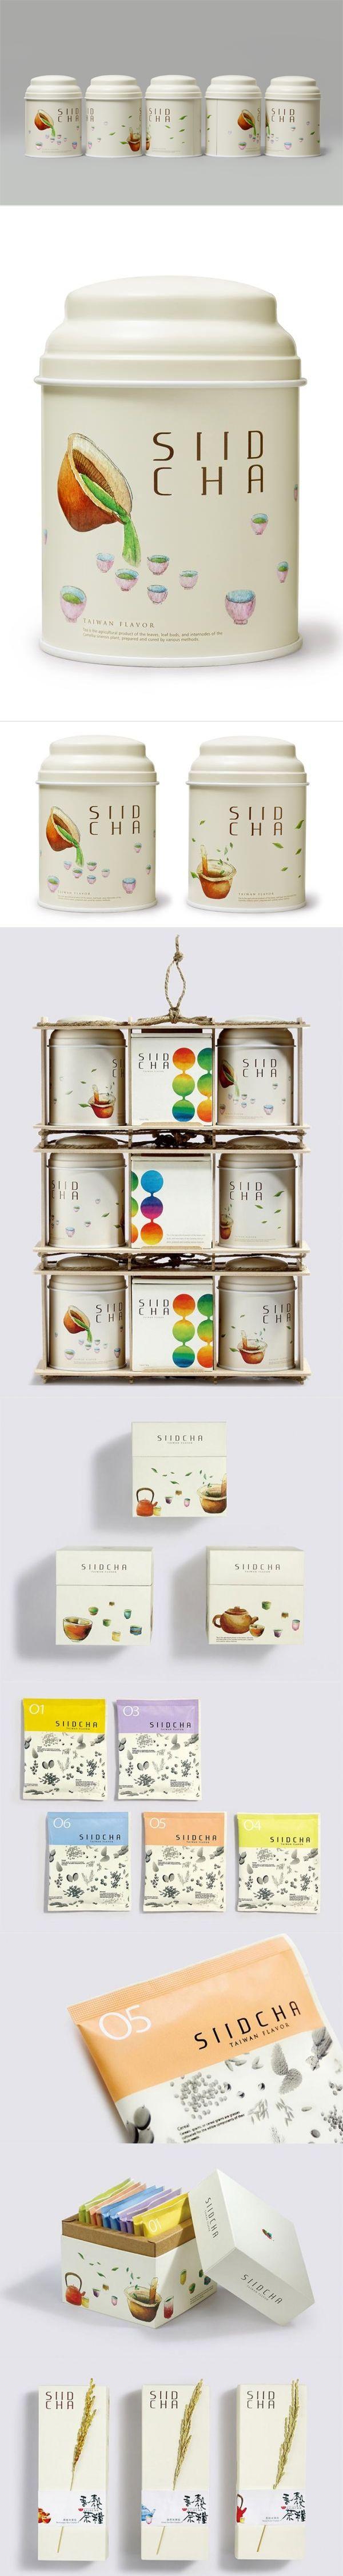 台湾吾谷茶粮 SIID CHA 系列包裝设计 beautiful #tea #packaging #branding PD If tea always looks like this, we're always ready for a cup!